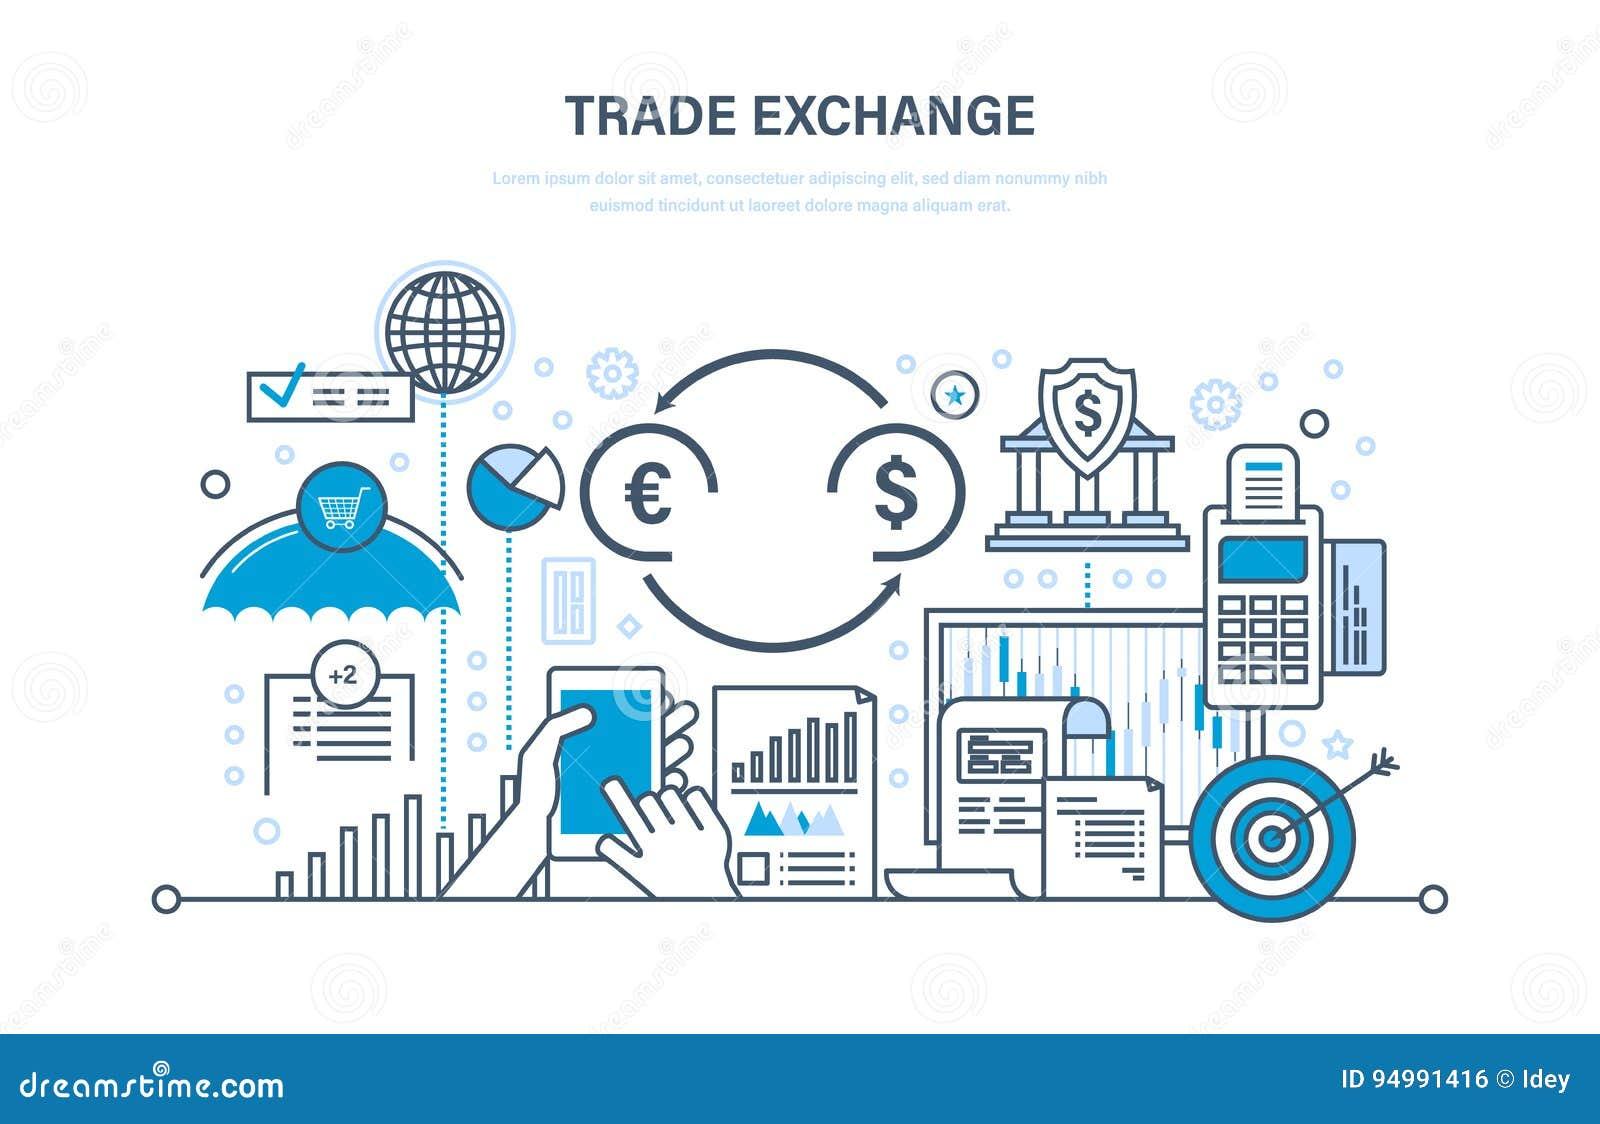 Εμπορική ανταλλαγή, εμπορικές συναλλαγές, προστασία, αύξηση της χρηματοδότησης, οικονομικοί δείκτες, συναλλαγή